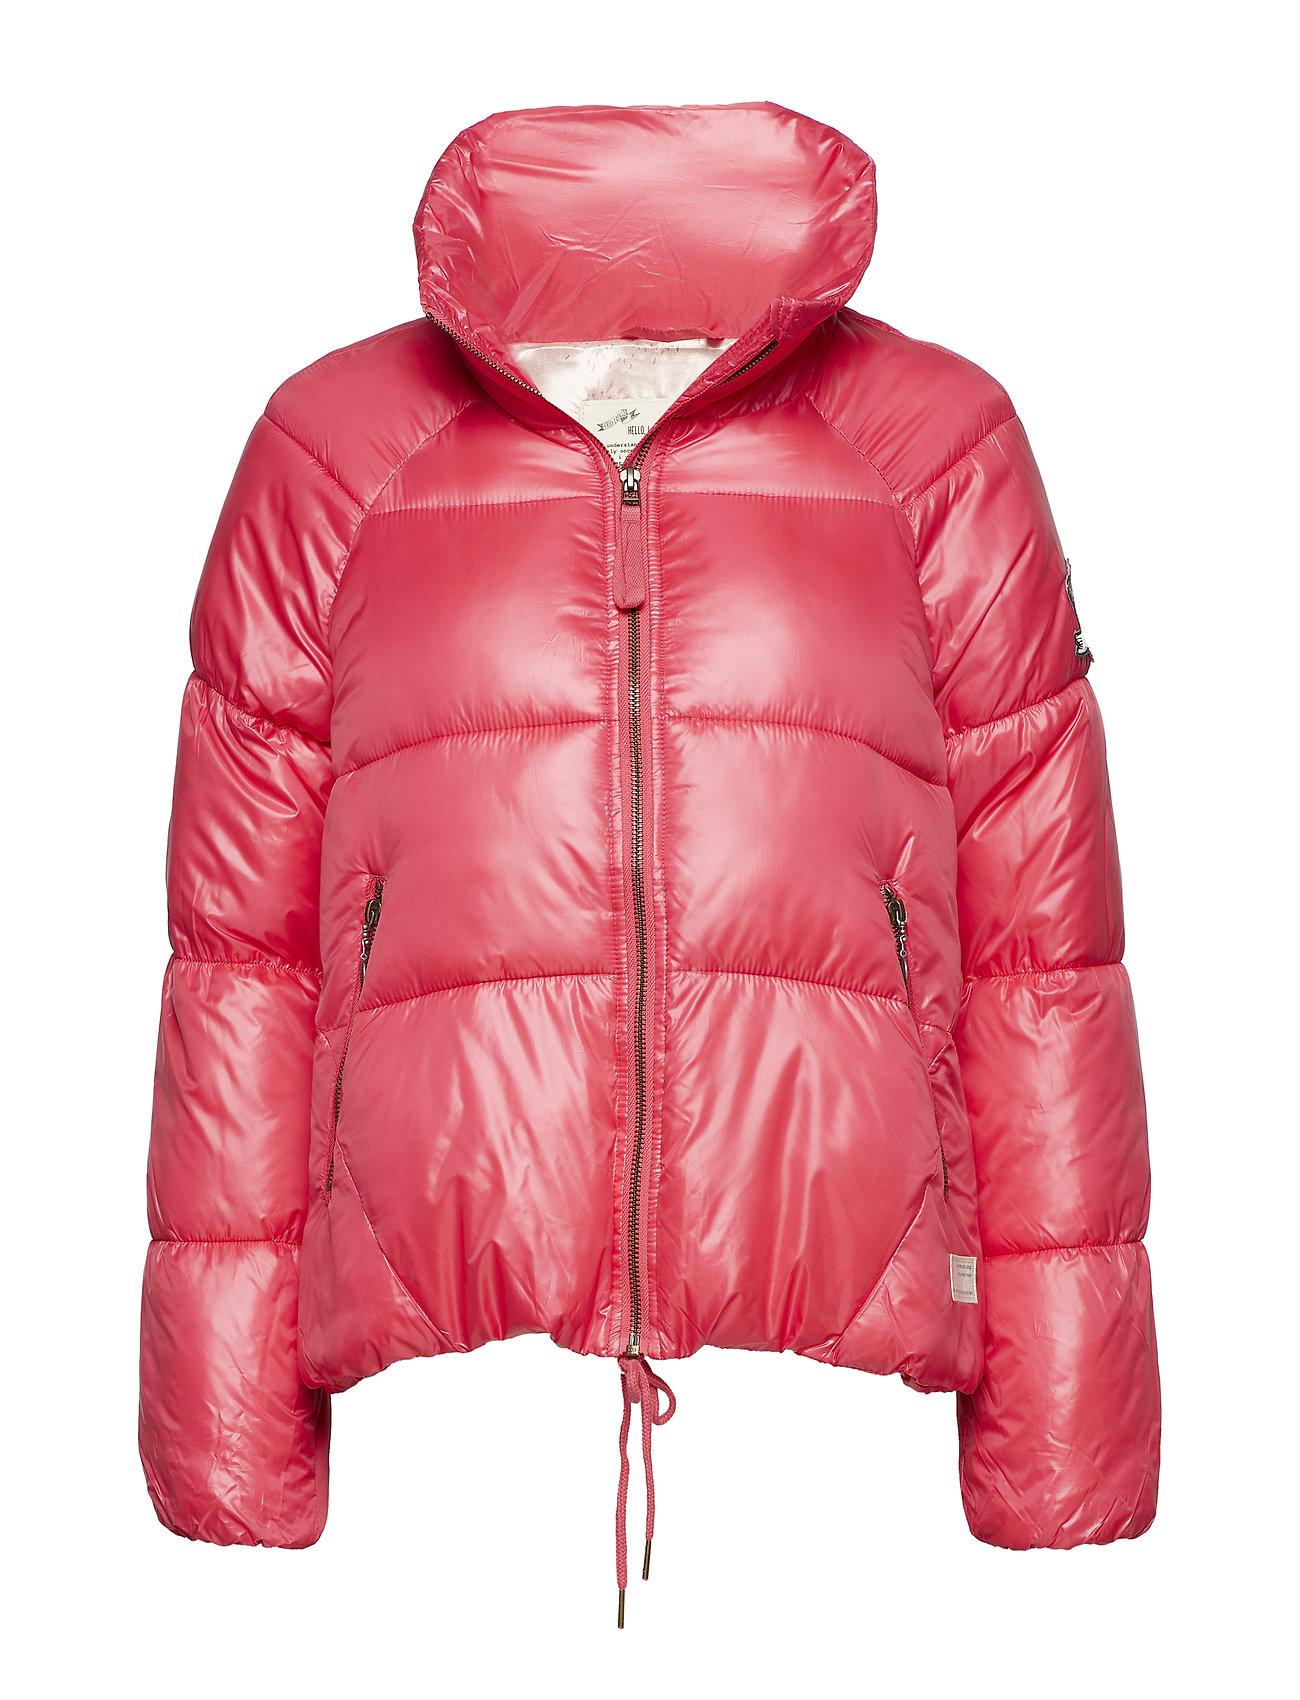 ODD MOLLY embrace jacket - POWER PINK